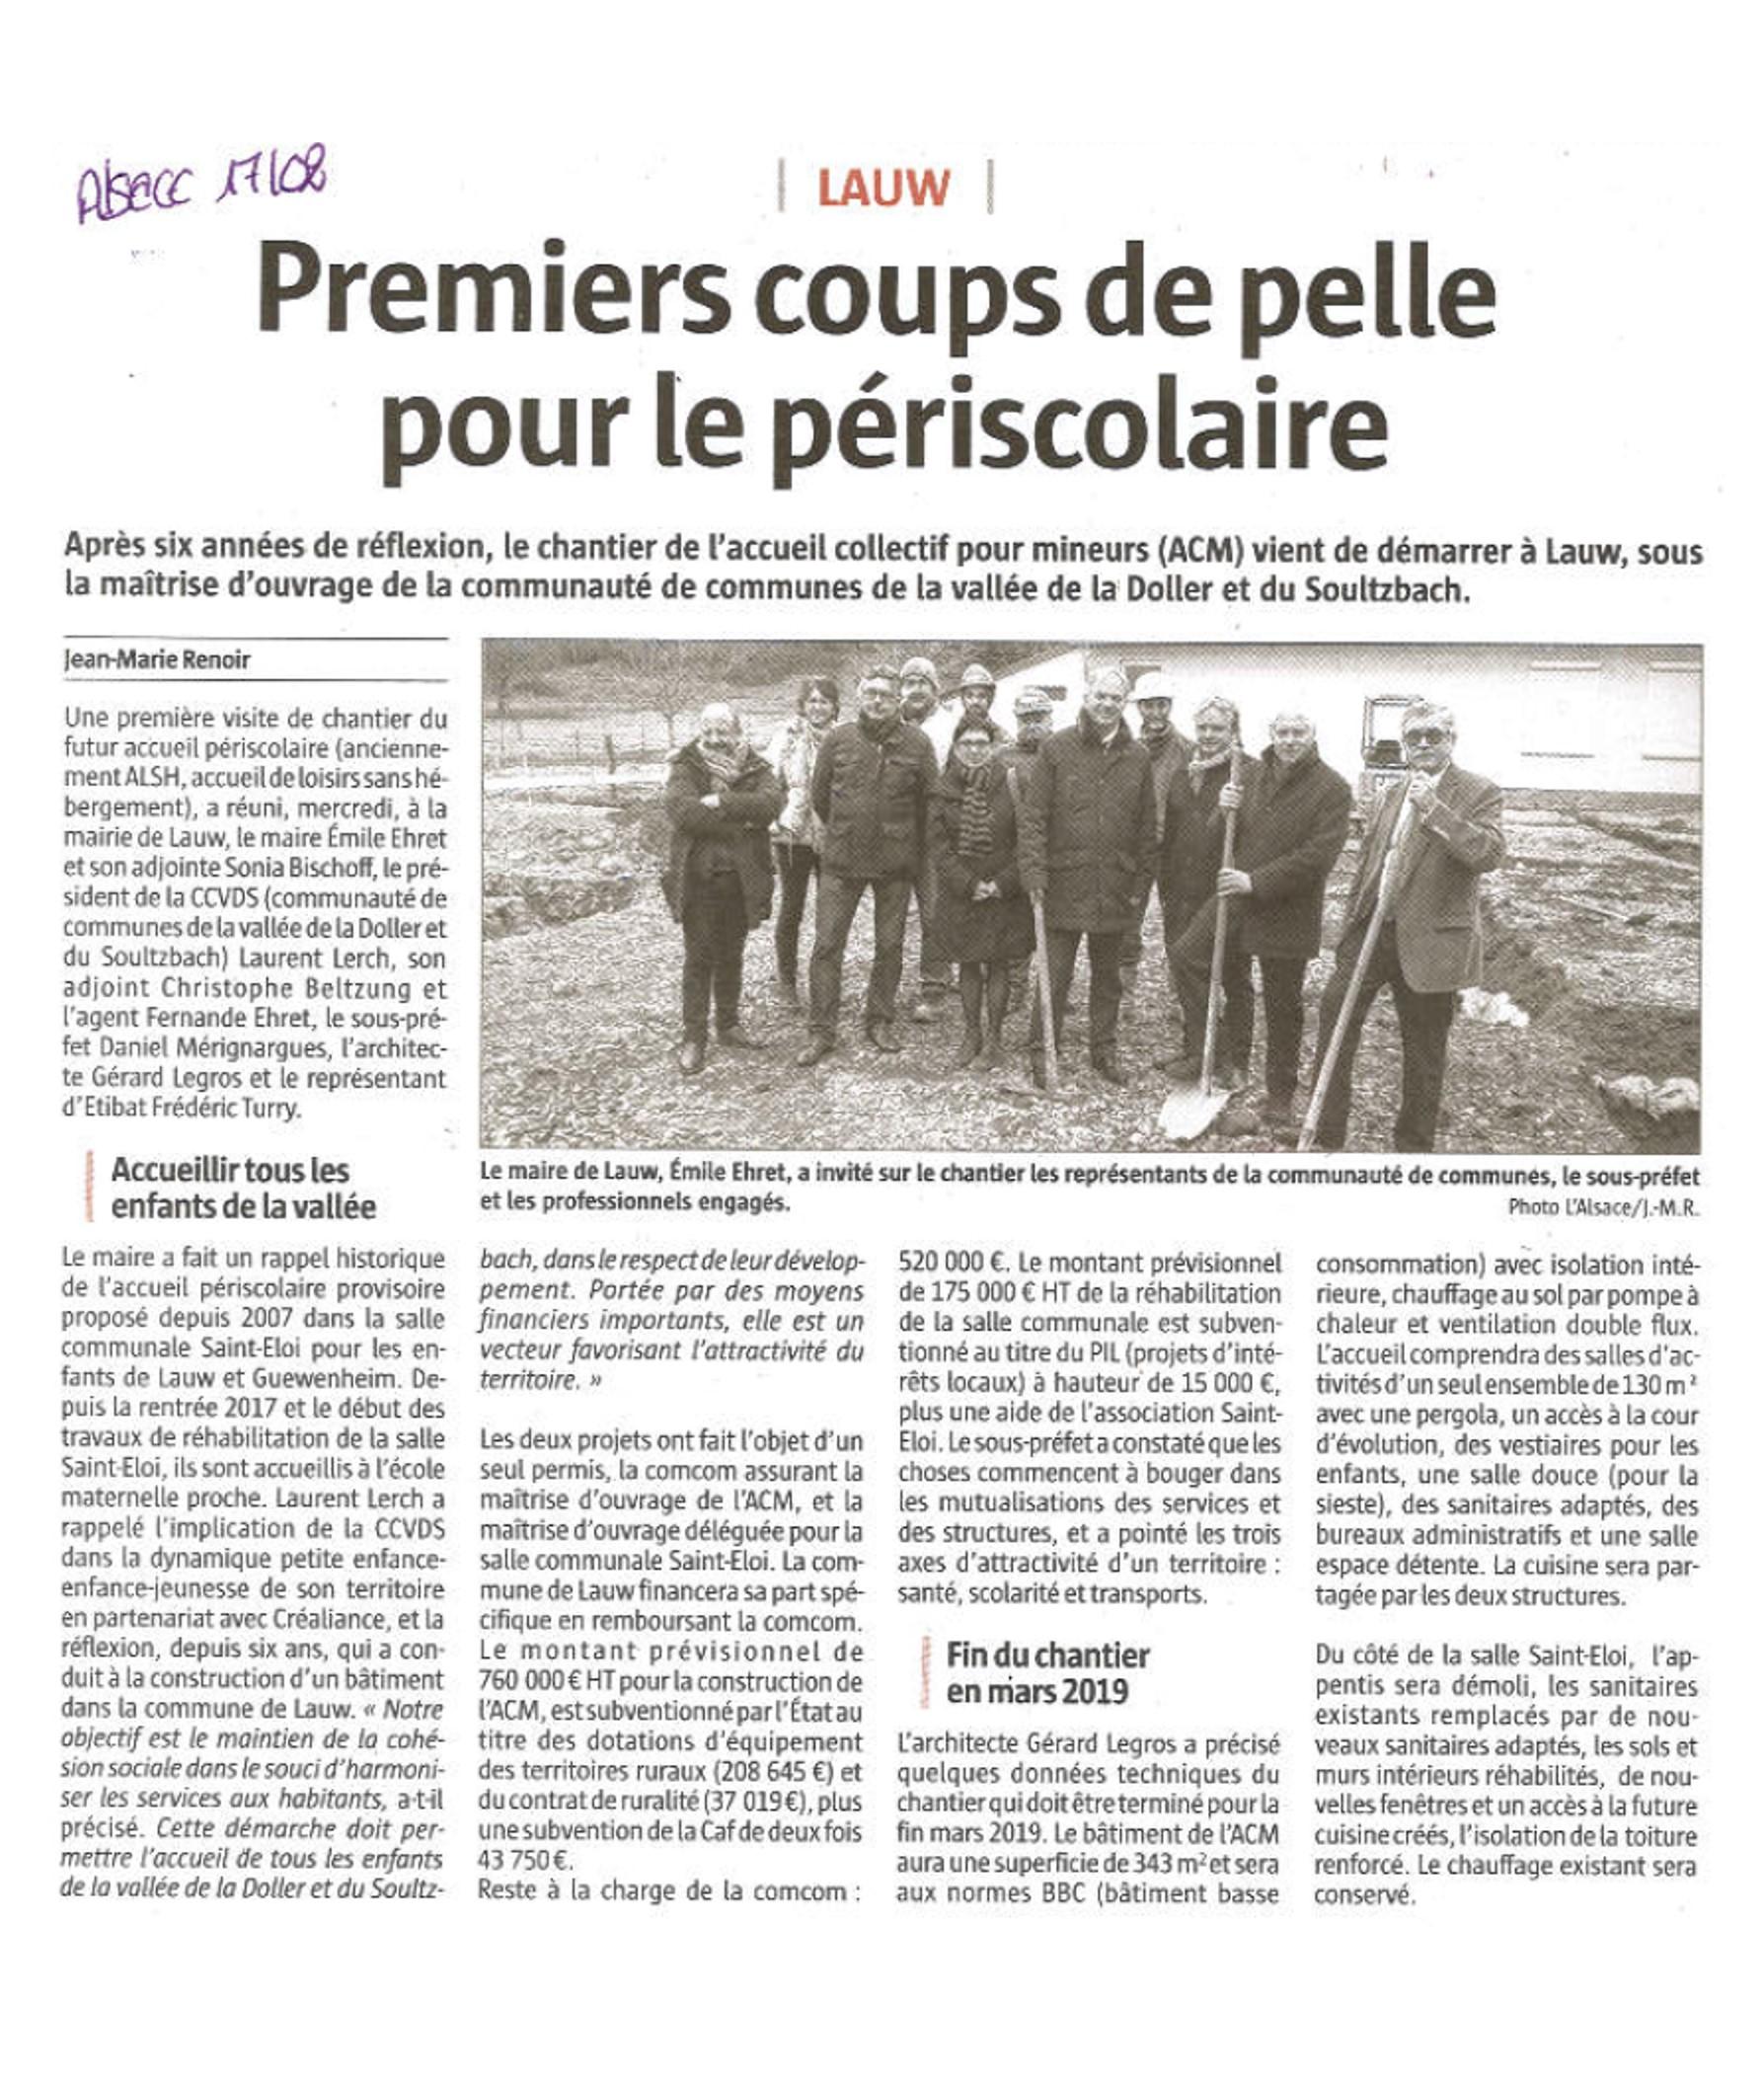 Premiers coups de pelle pour le périscolaire - L'Alsace (17-02-2018)